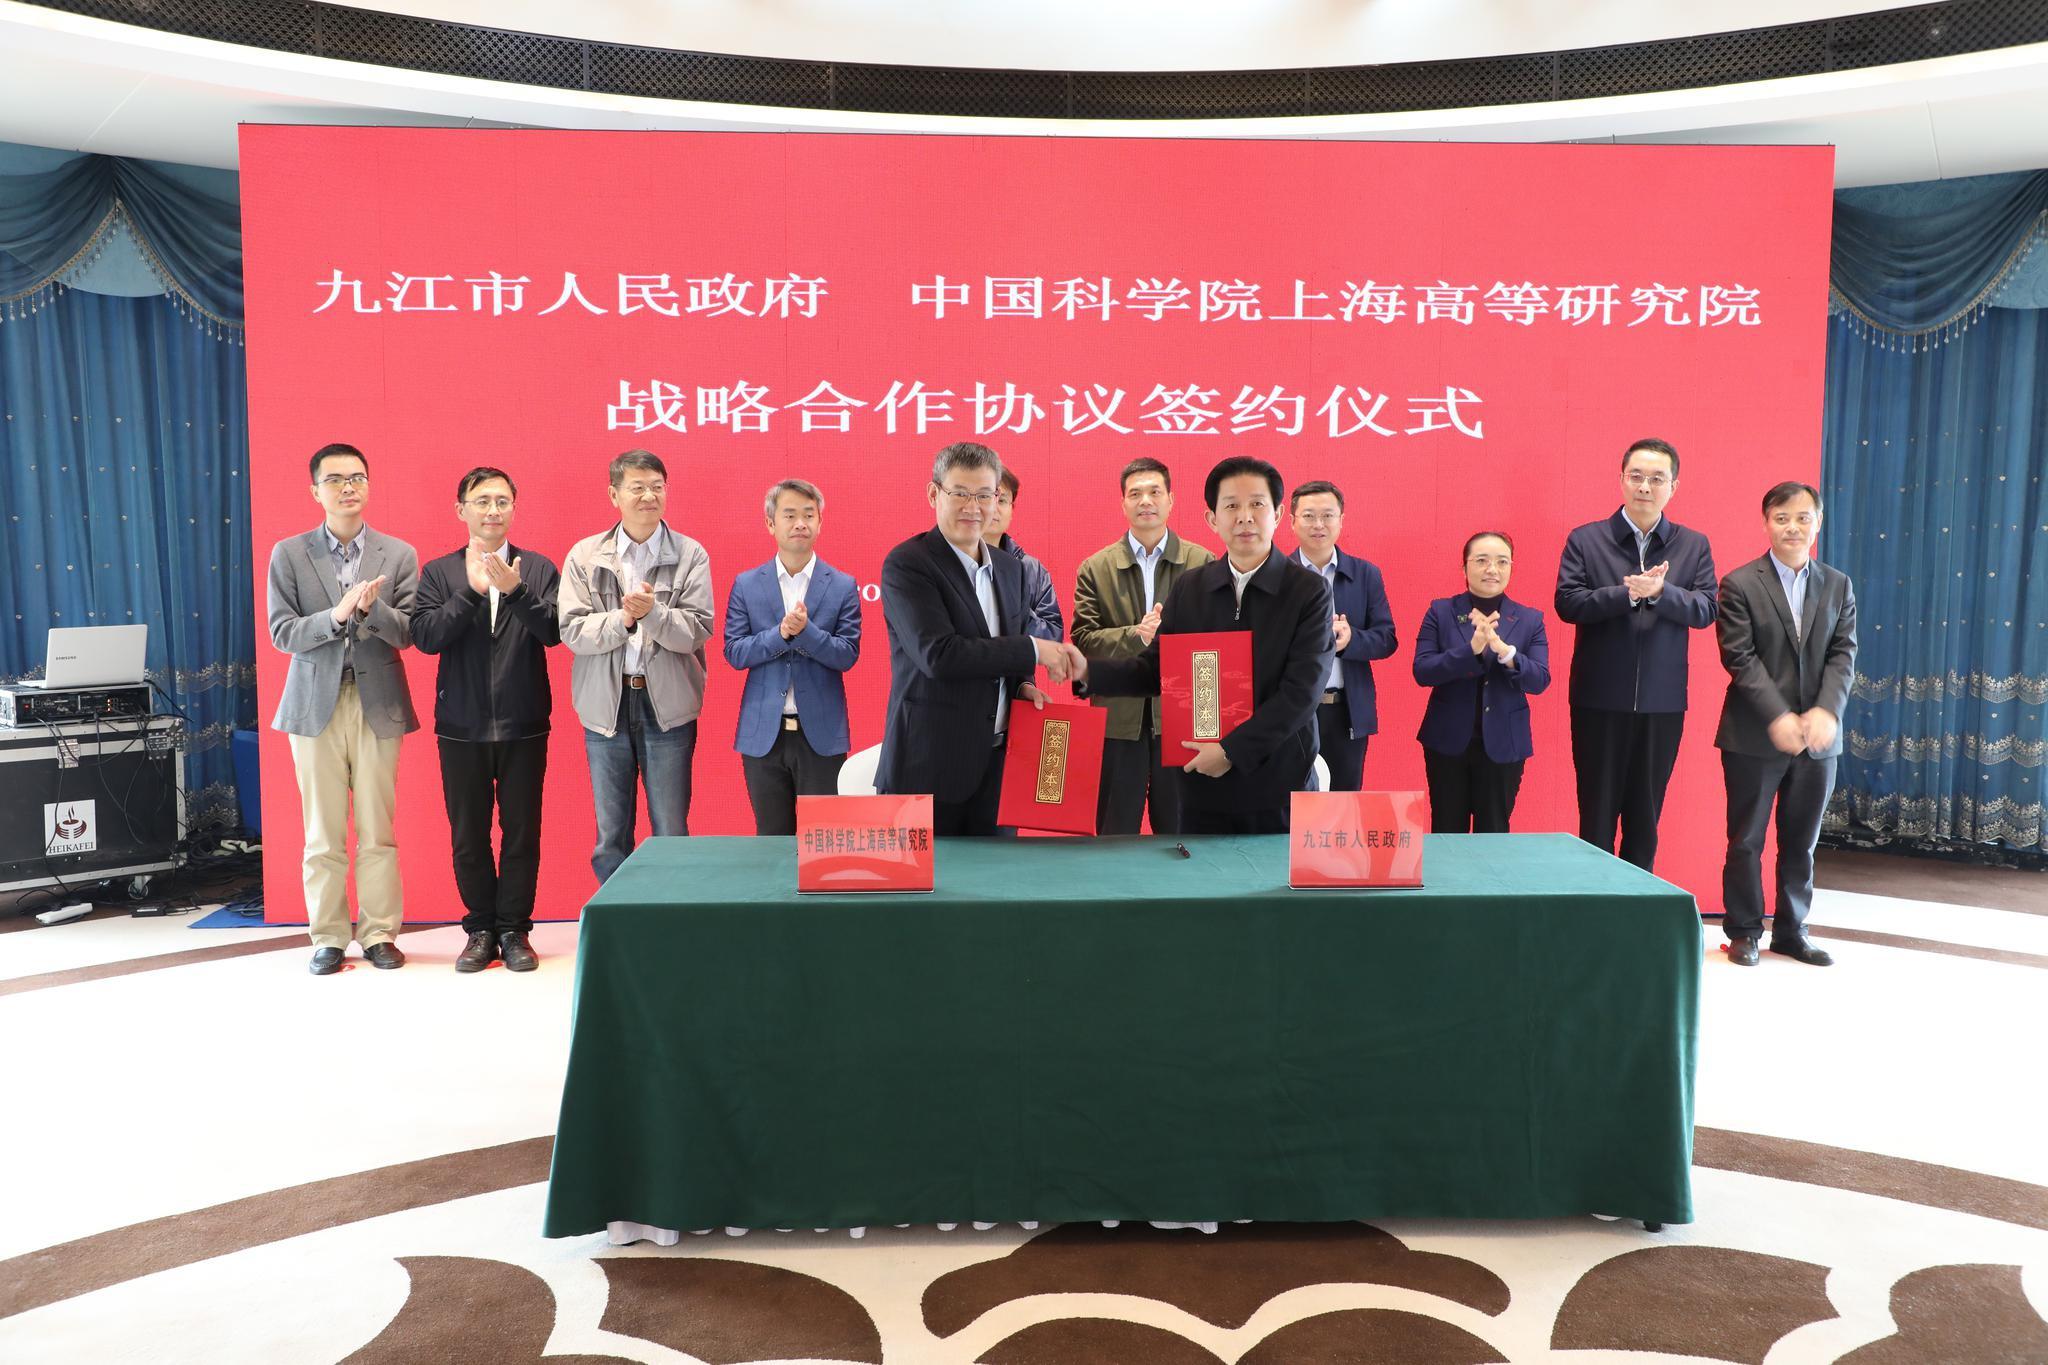 市政府与中国科学院上海高等研究院签署战略合作协议